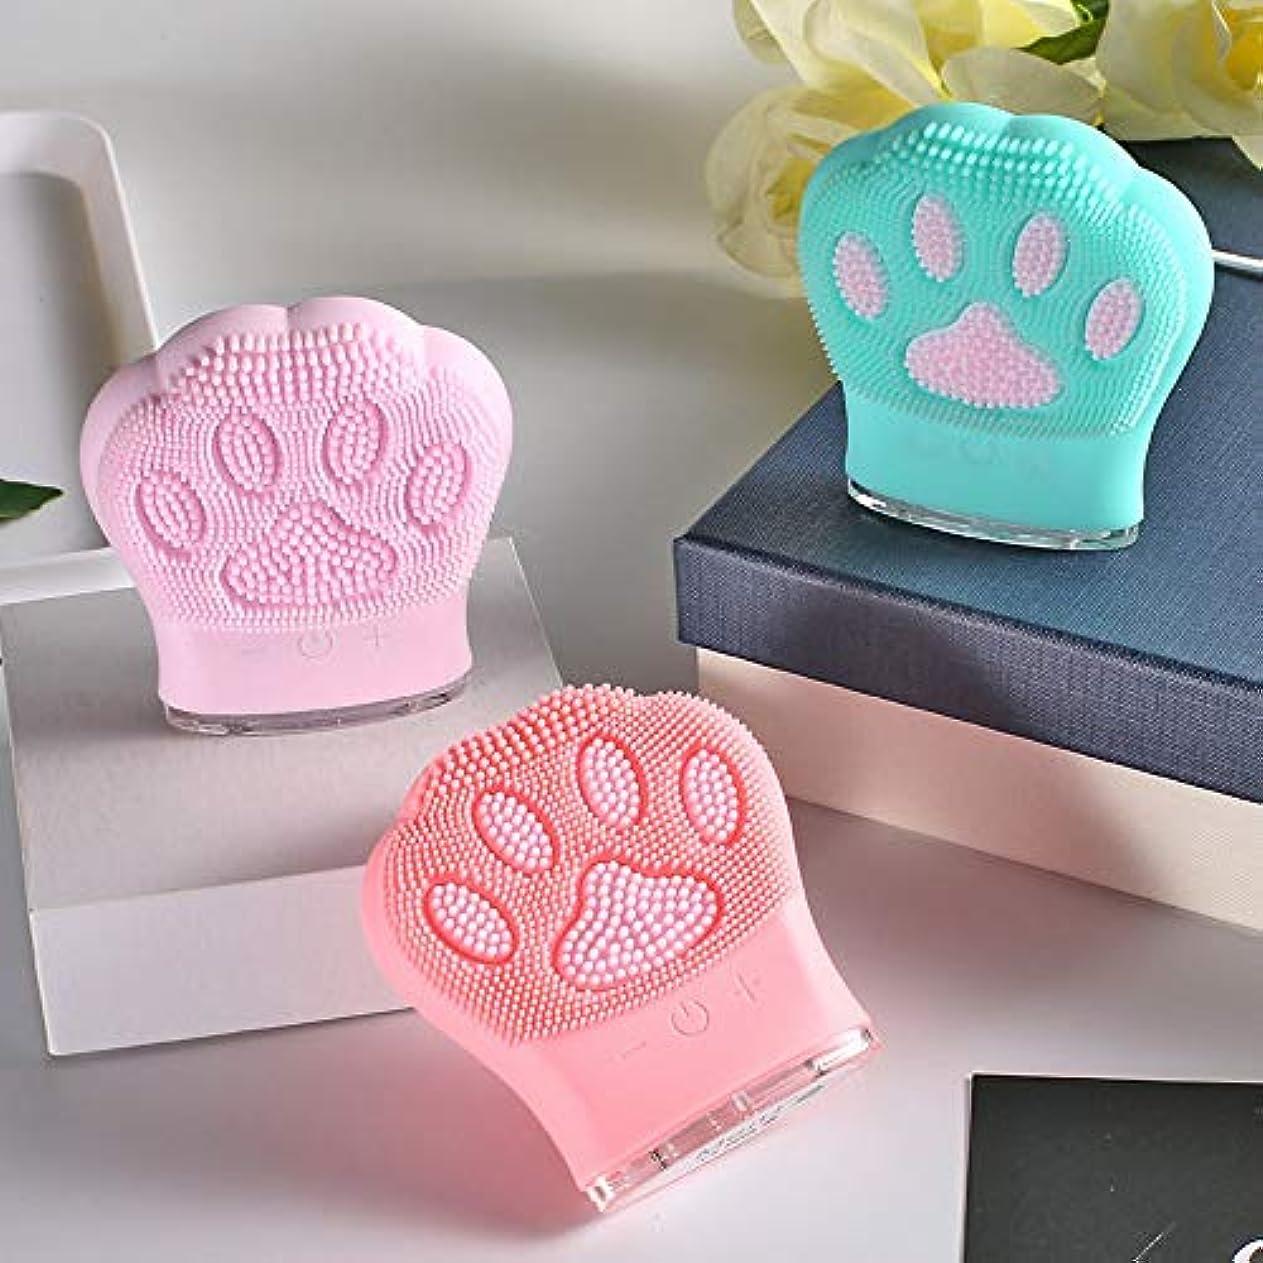 器官流用するメロンZXF 新しい猫の爪形状シリコーンクレンジング楽器超音波充電洗顔器具ガールフレンド小さなギフト洗浄ブラシピンク赤青セクション 滑らかである (色 : Pink)